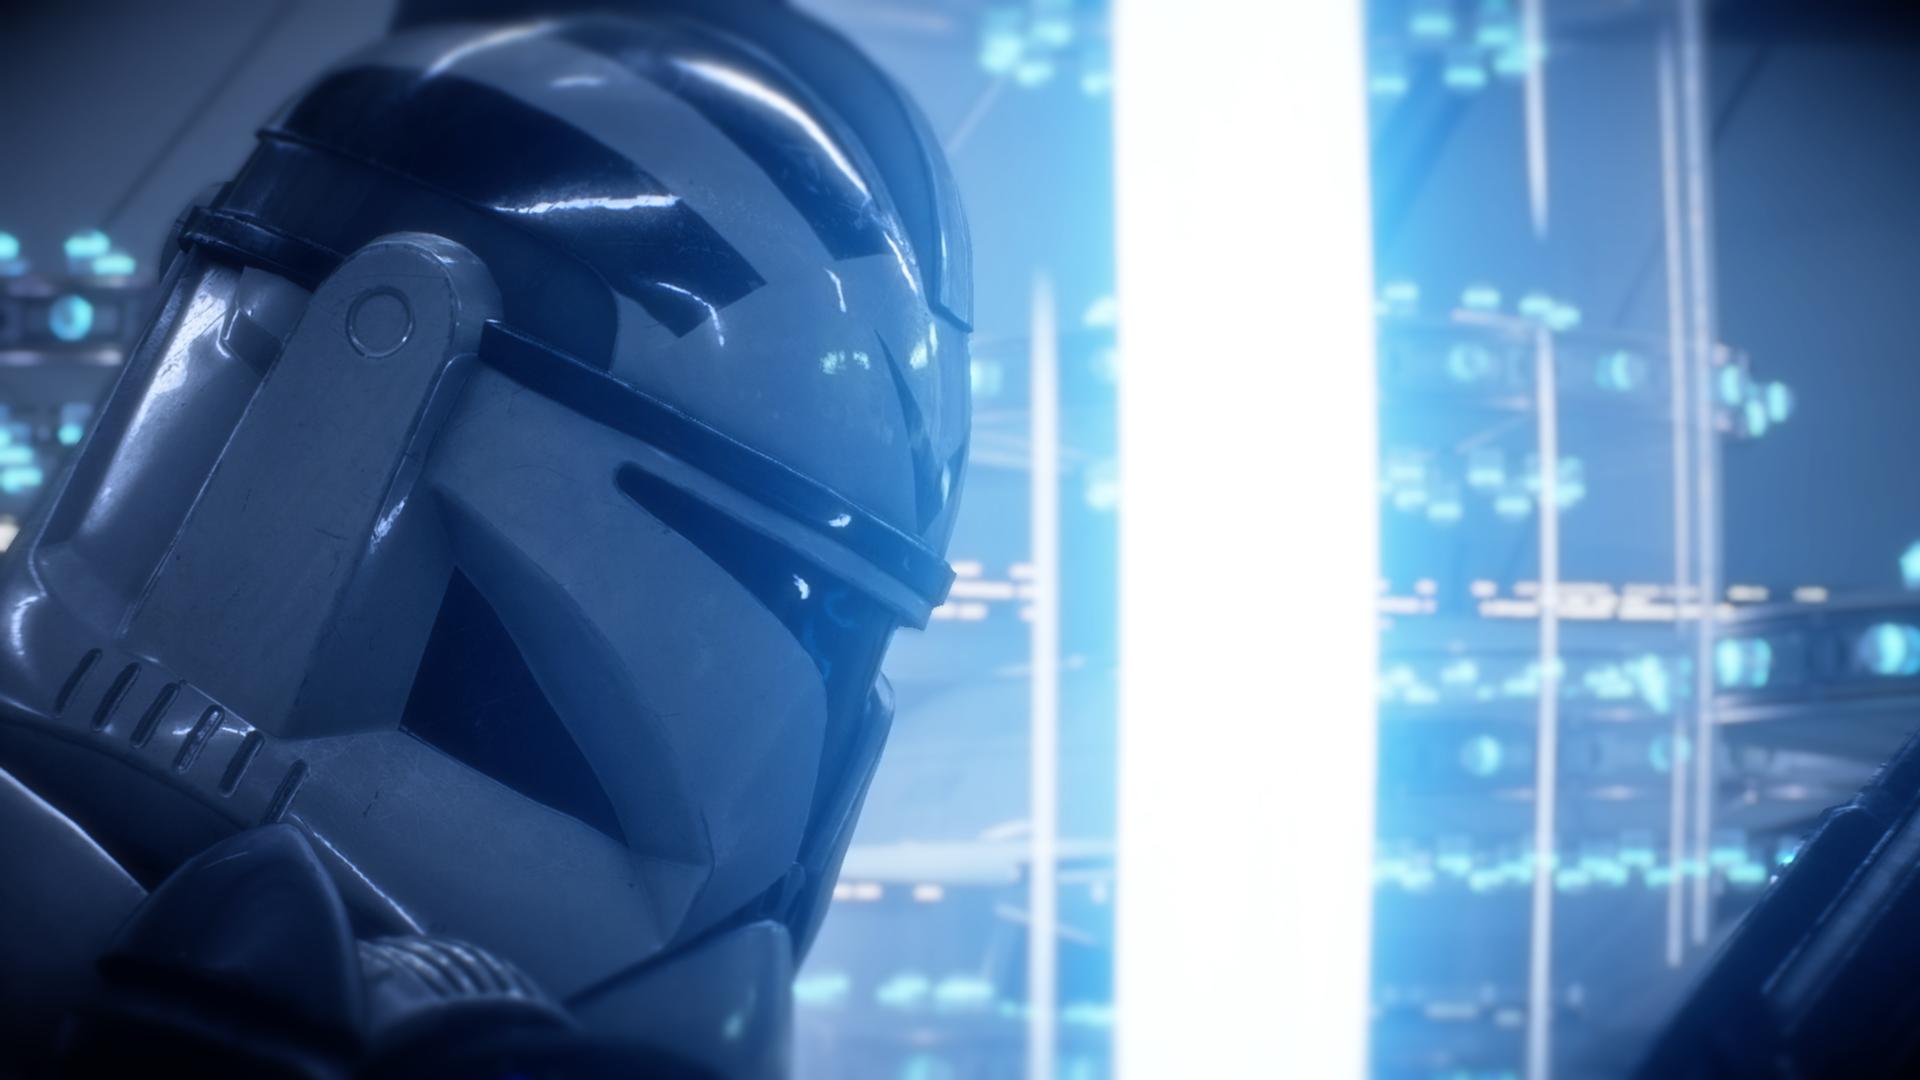 Star Wars Battlefront 2_Ansel_0015_JTC.png